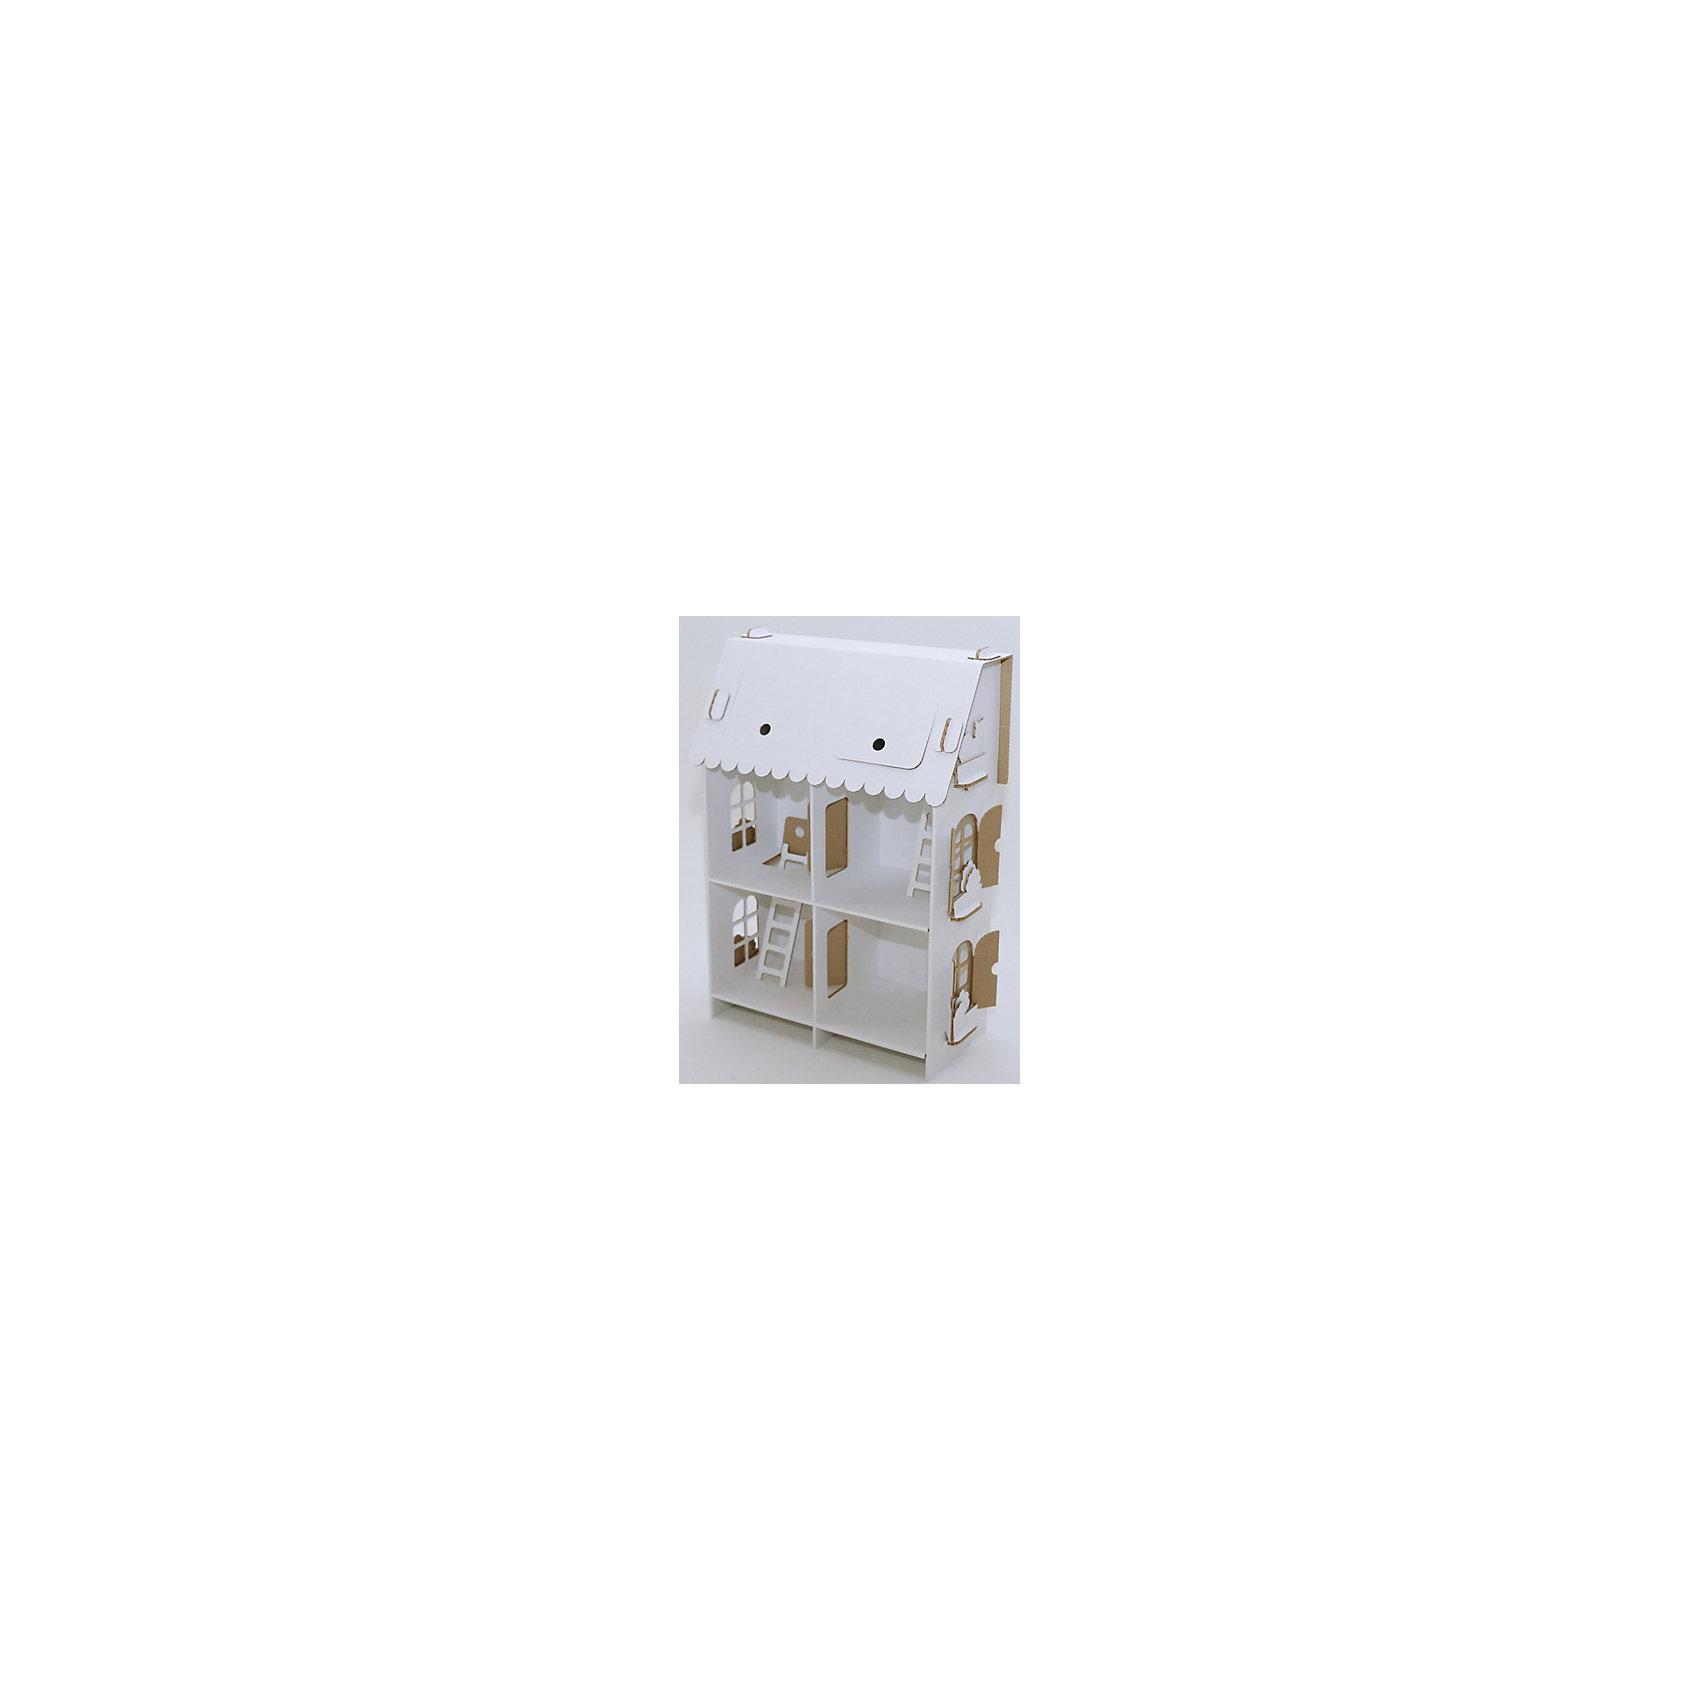 Кукольный домик из картона Четыре комнаты, белыйХарактеристики:<br><br>• тип домика: кукольный домик из картона;<br>• особенности домика: открываются окна и двери;<br>• материал: 3-х слойный гофрокартон, толщина 3 мм;<br>• комплектация: детали для сборки домика, нейлоновые крепления;<br>• размер домика: 65х46х22 см;<br>• размер упаковки: 48х48х6 см;<br>• вес: 1,1 кг.<br><br>Картонный домик быстро собирается и разбирается, без клея, детали соединяются с помощью нейлоновых креплений. Домик в три этажа, которые соединены лестнацами, домик разделен на комнаты, всего 6 помещений. Домик белого цвета, его можно раскрасить красками, фломастерами или карандашами. Игра обогащает детское воображение и фантазию, помогает развить речь и логику.<br><br>Кукольный домик из картона Четыре комнаты, белый можно купить в нашем магазине.<br><br>Ширина мм: 460<br>Глубина мм: 460<br>Высота мм: 65<br>Вес г: 1200<br>Возраст от месяцев: 36<br>Возраст до месяцев: 2147483647<br>Пол: Женский<br>Возраст: Детский<br>SKU: 5253044